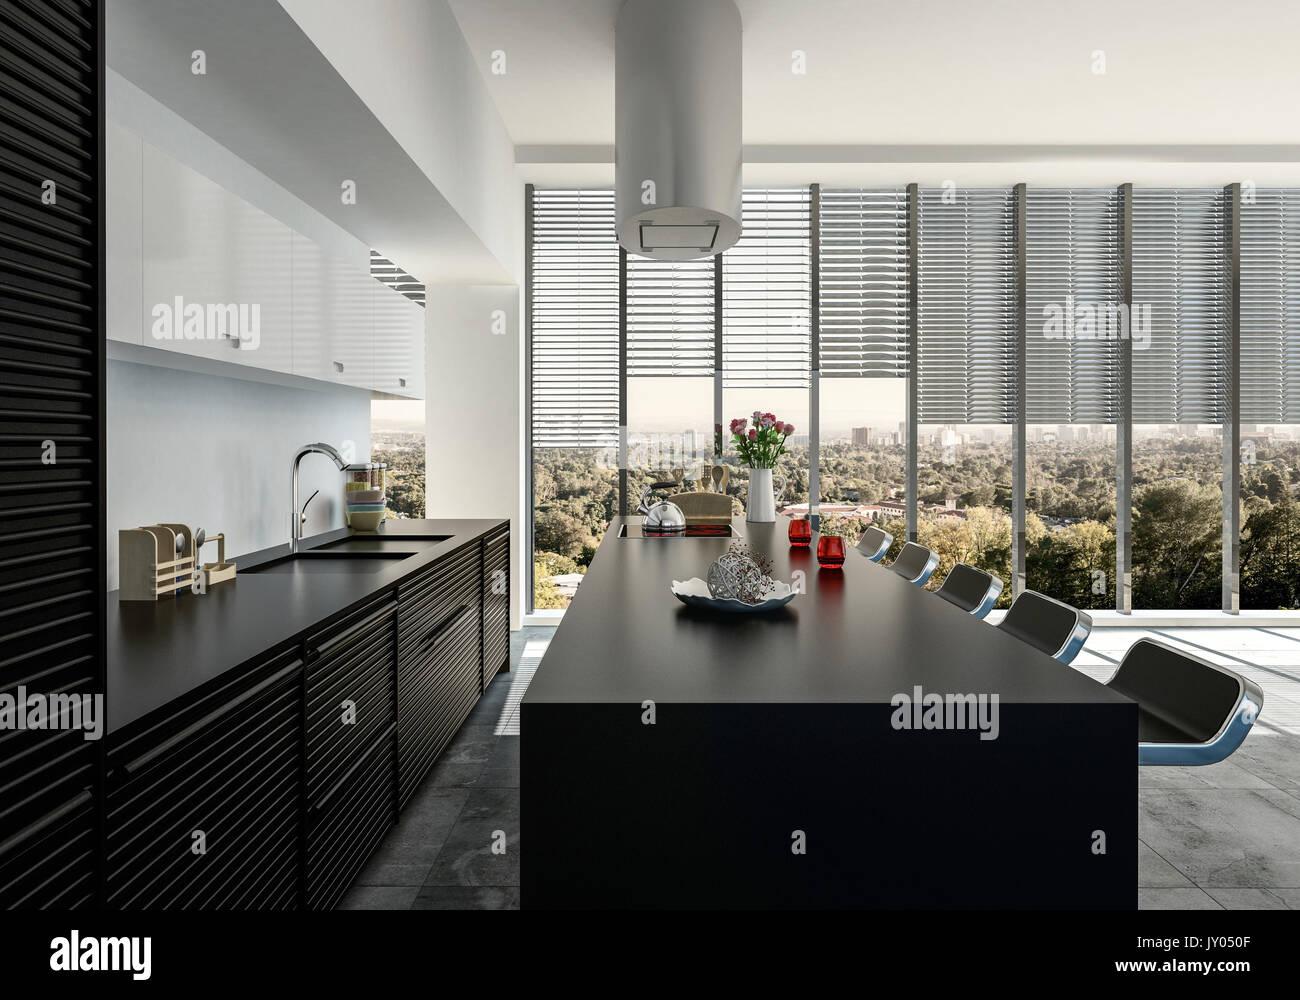 Stilvolle offene schwarze und weiße Einbauküche mit Geräten und bar ...